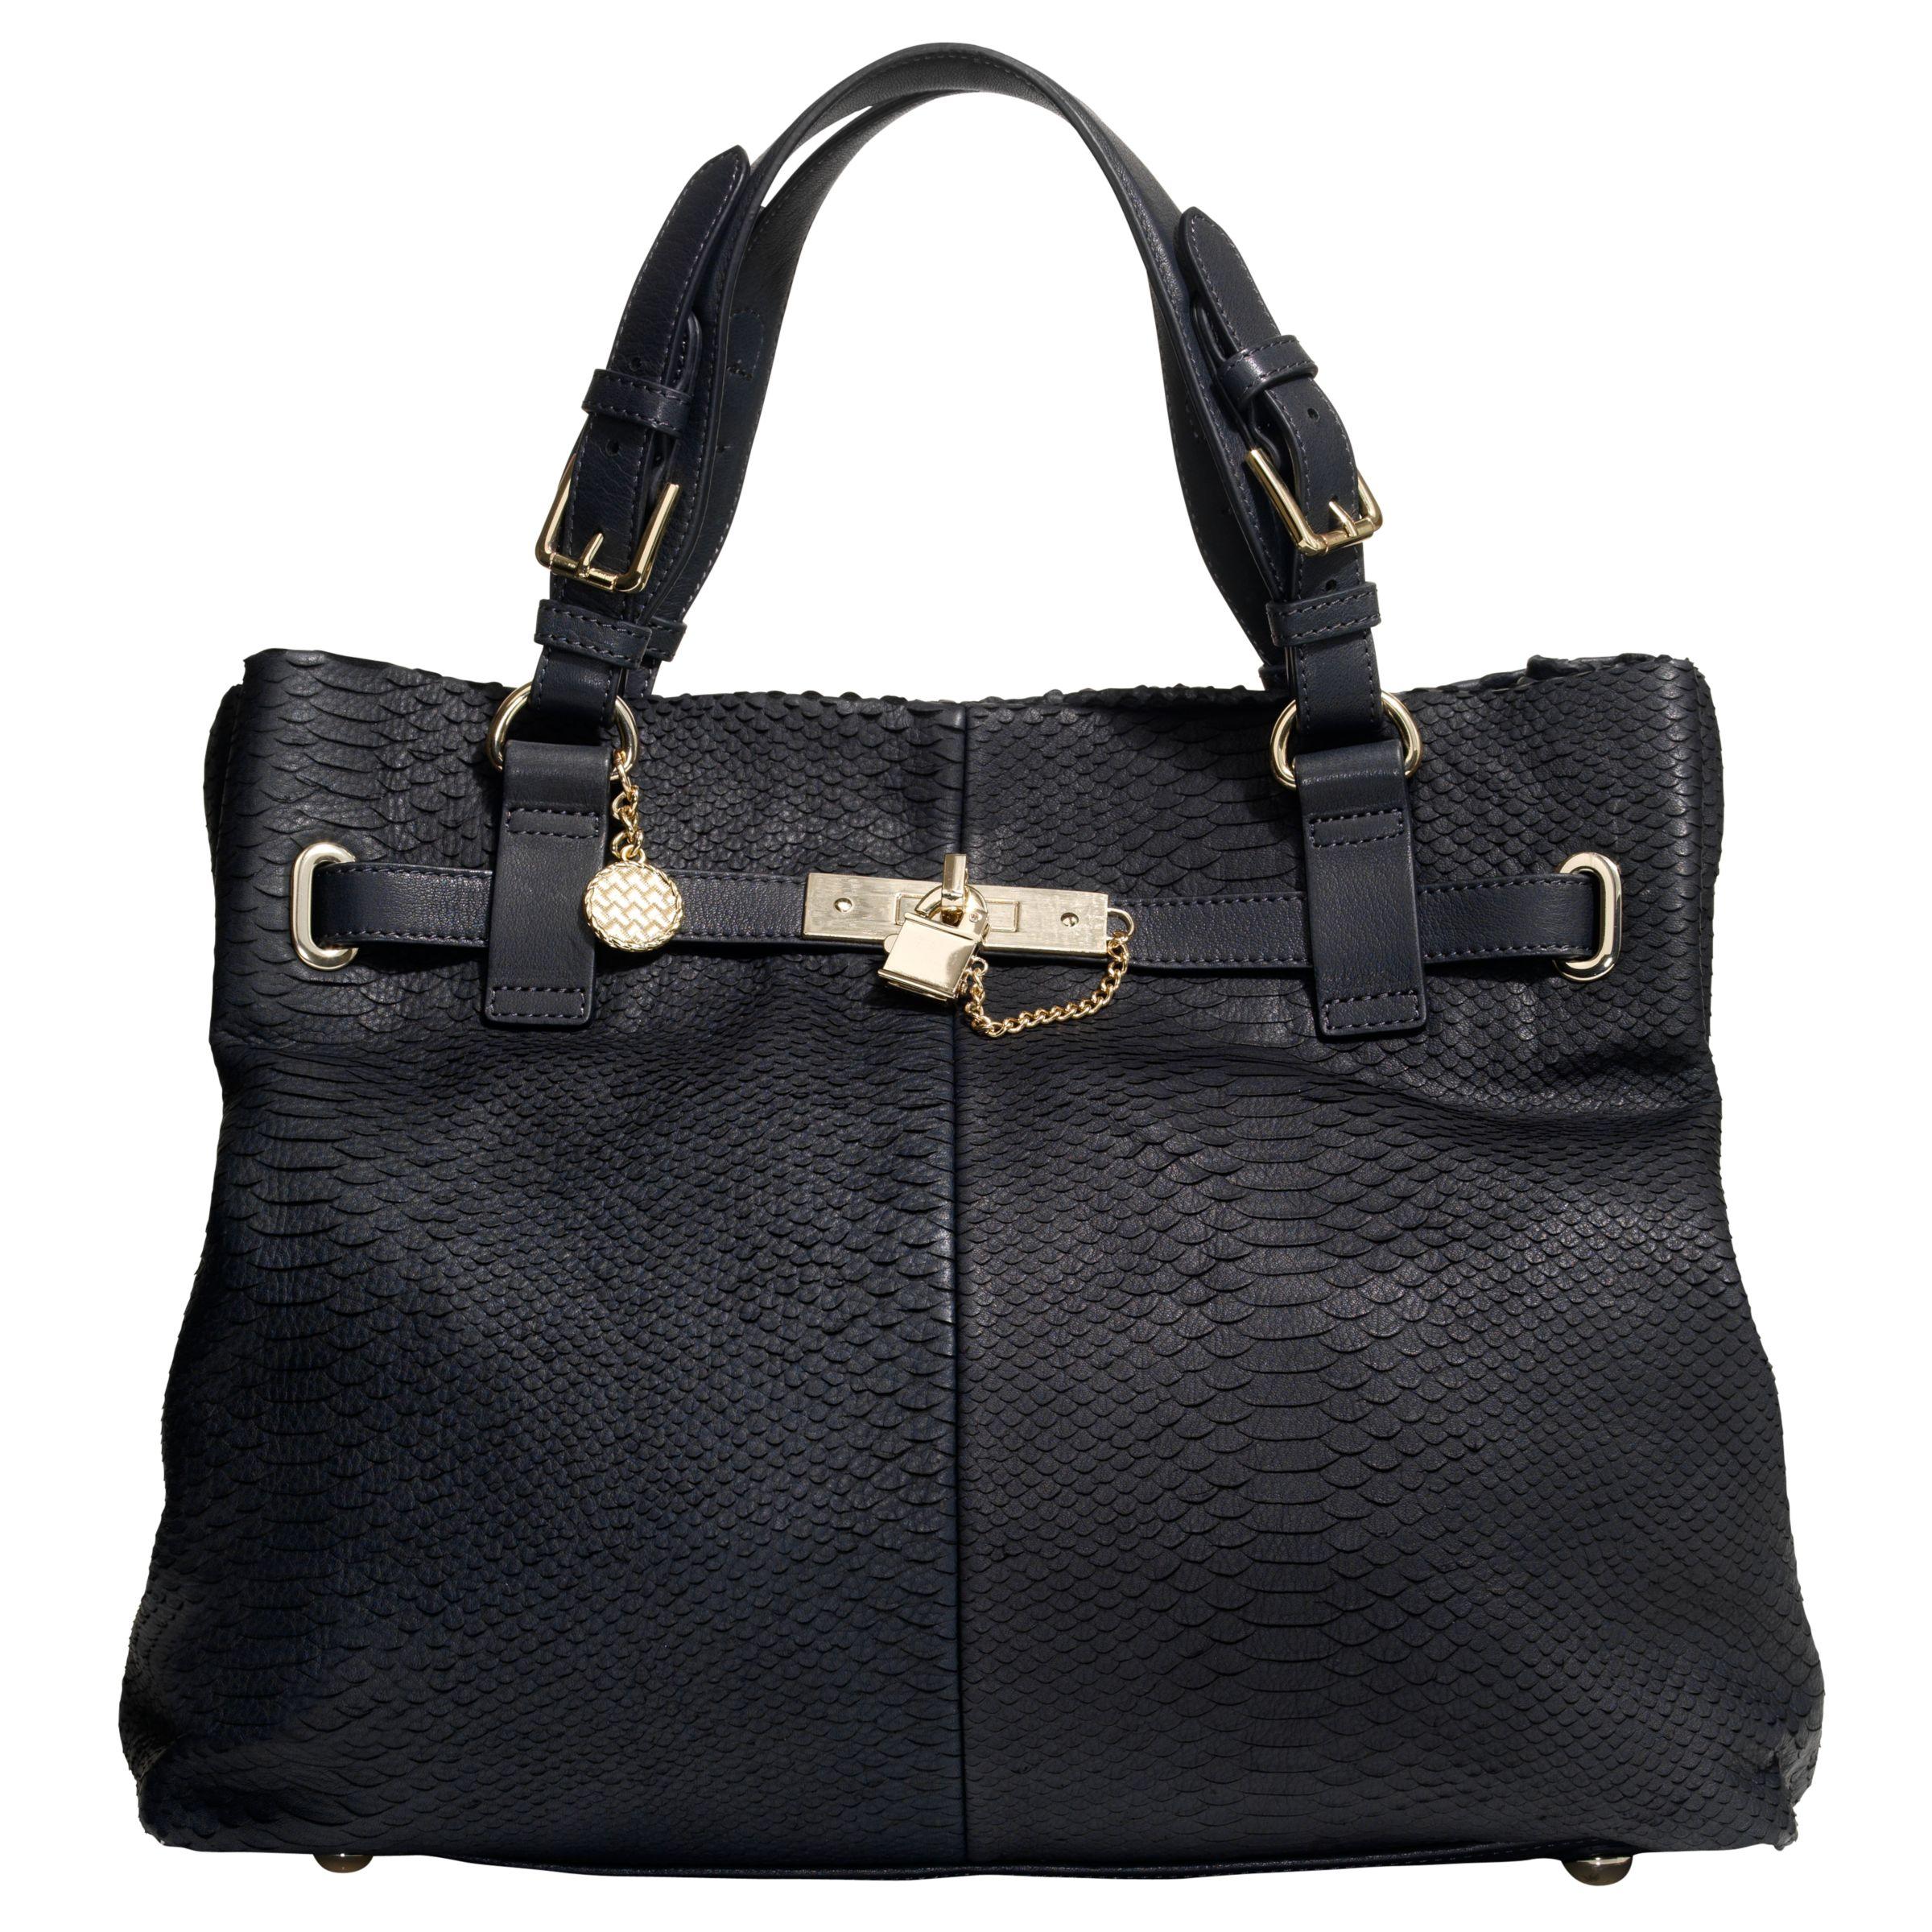 Reiss Bleeker Lock Detail Bag, Graphite at JohnLewis